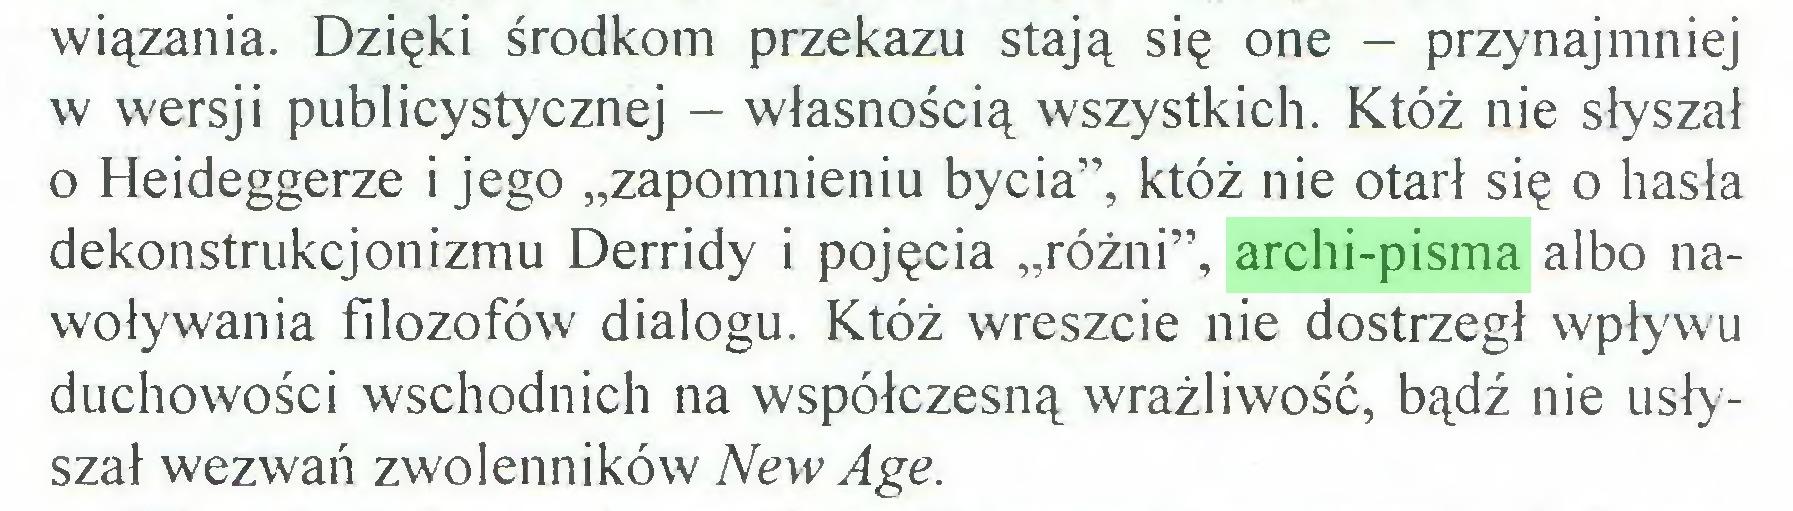 """(...) wiązania. Dzięki środkom przekazu stają się one - przynajmniej w wersji publicystycznej - własnością wszystkich. Któż nie słyszał o Heideggerze i jego """"zapomnieniu bycia"""", któż nie otarł się o hasła dekonstrukcjonizmu Derridy i pojęcia """"różni"""", archi-pisma albo nawoływania filozofów dialogu. Któż wreszcie nie dostrzegł wpływu duchowości wschodnich na współczesną wrażliwość, bądź nie usłyszał wezwań zwolenników New Age..."""